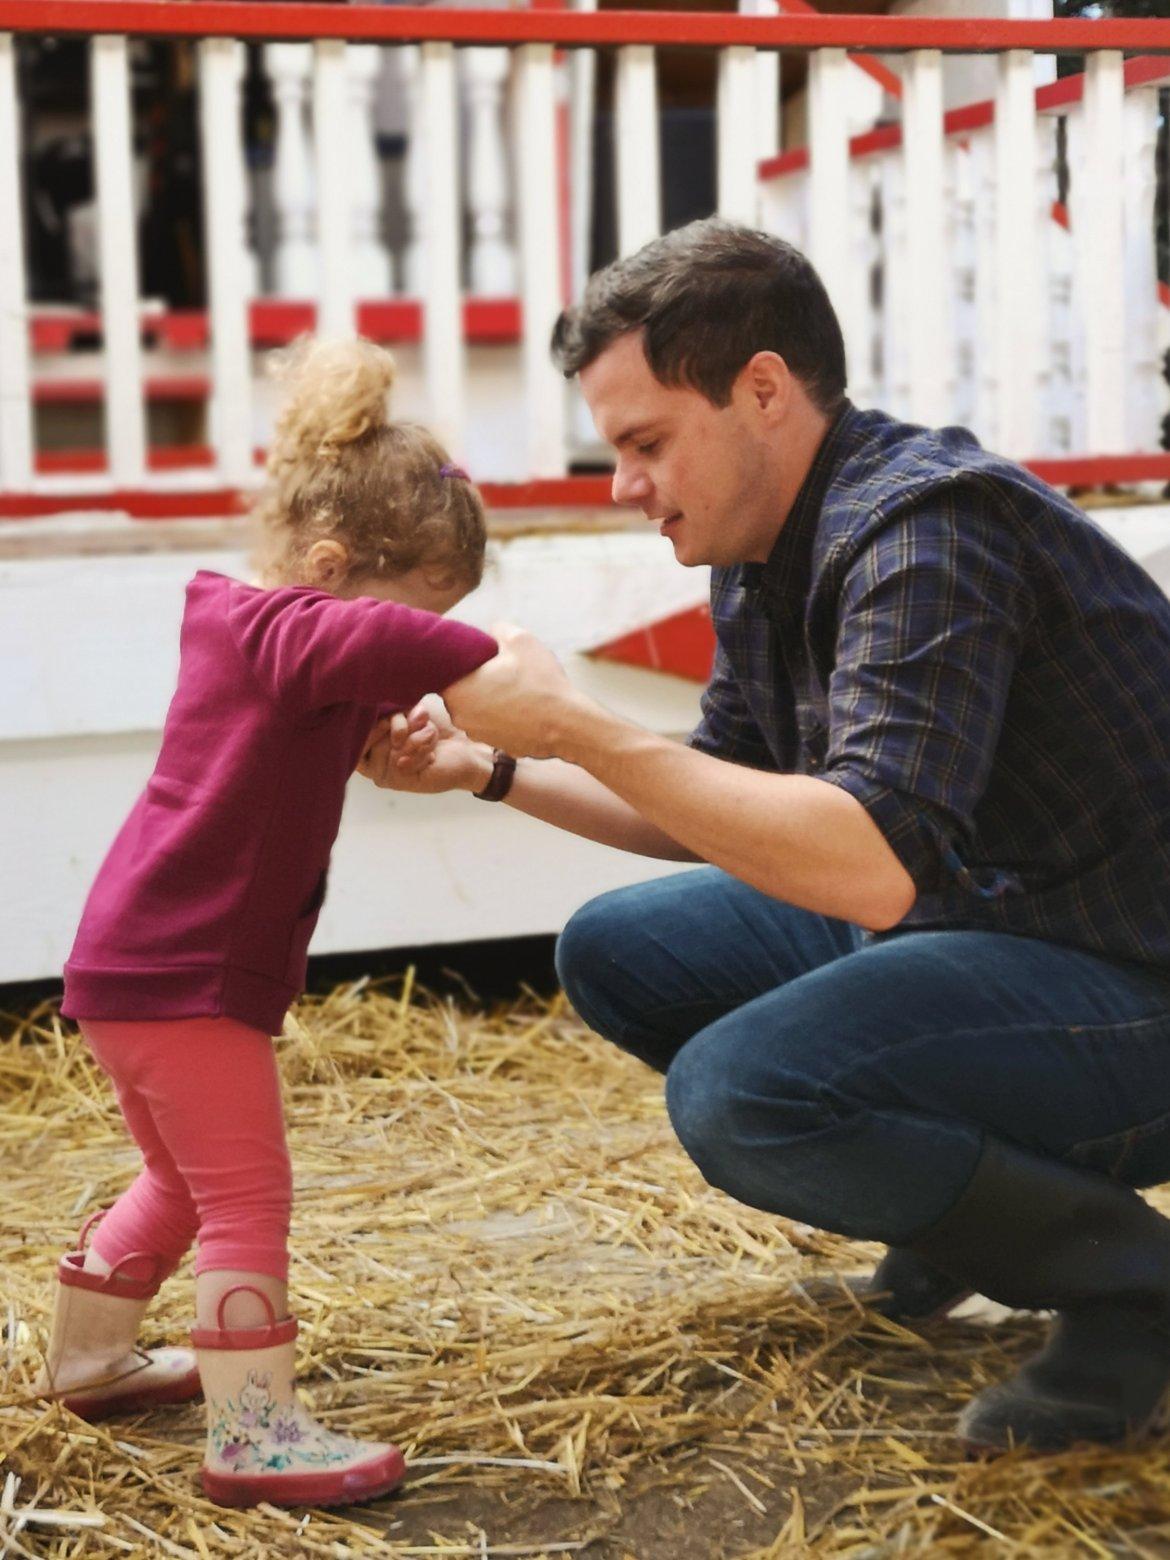 Dad blog, dad influencer, dads on Instagram